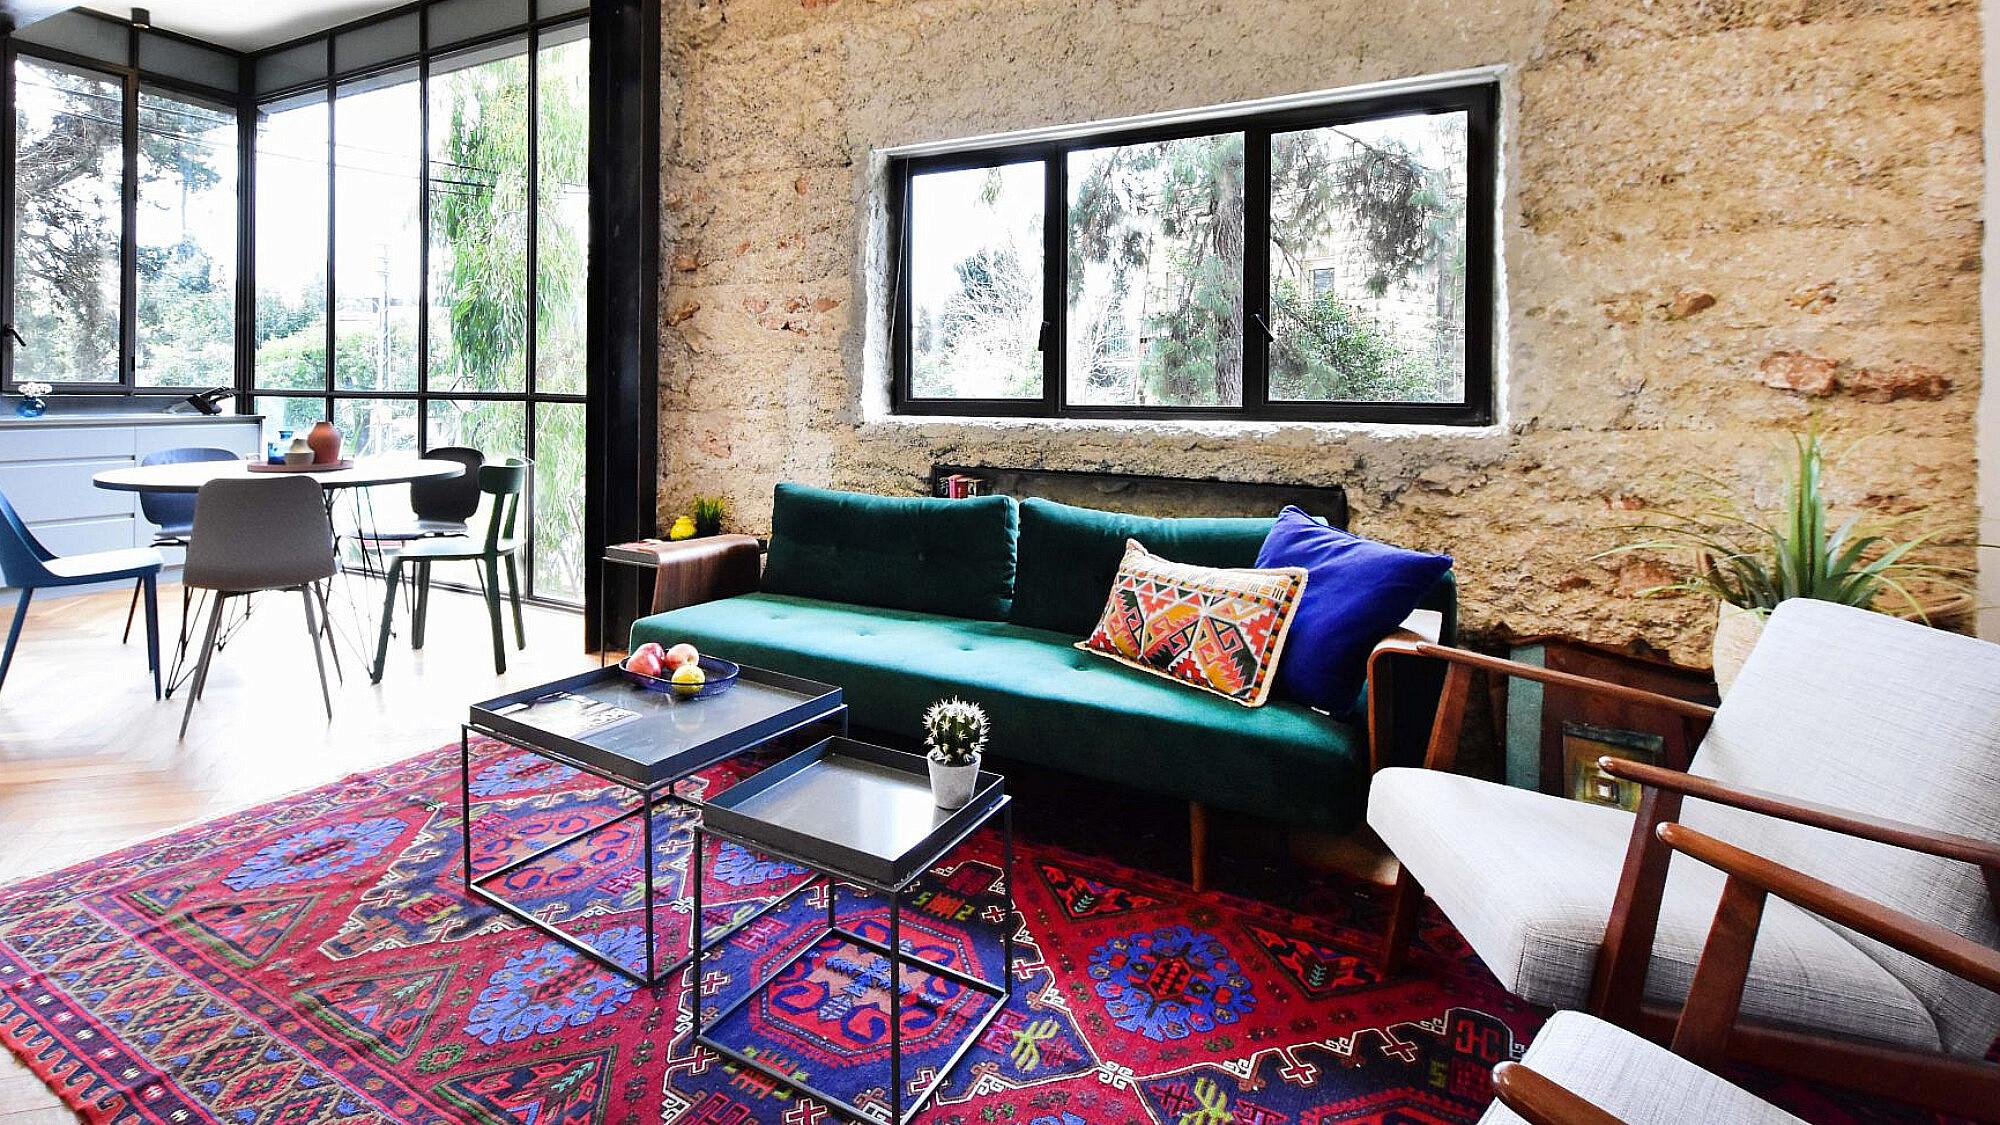 דירת נופש בירושלים | עיצוב פנים: סטודיו בי, צילום: סיון מויאל